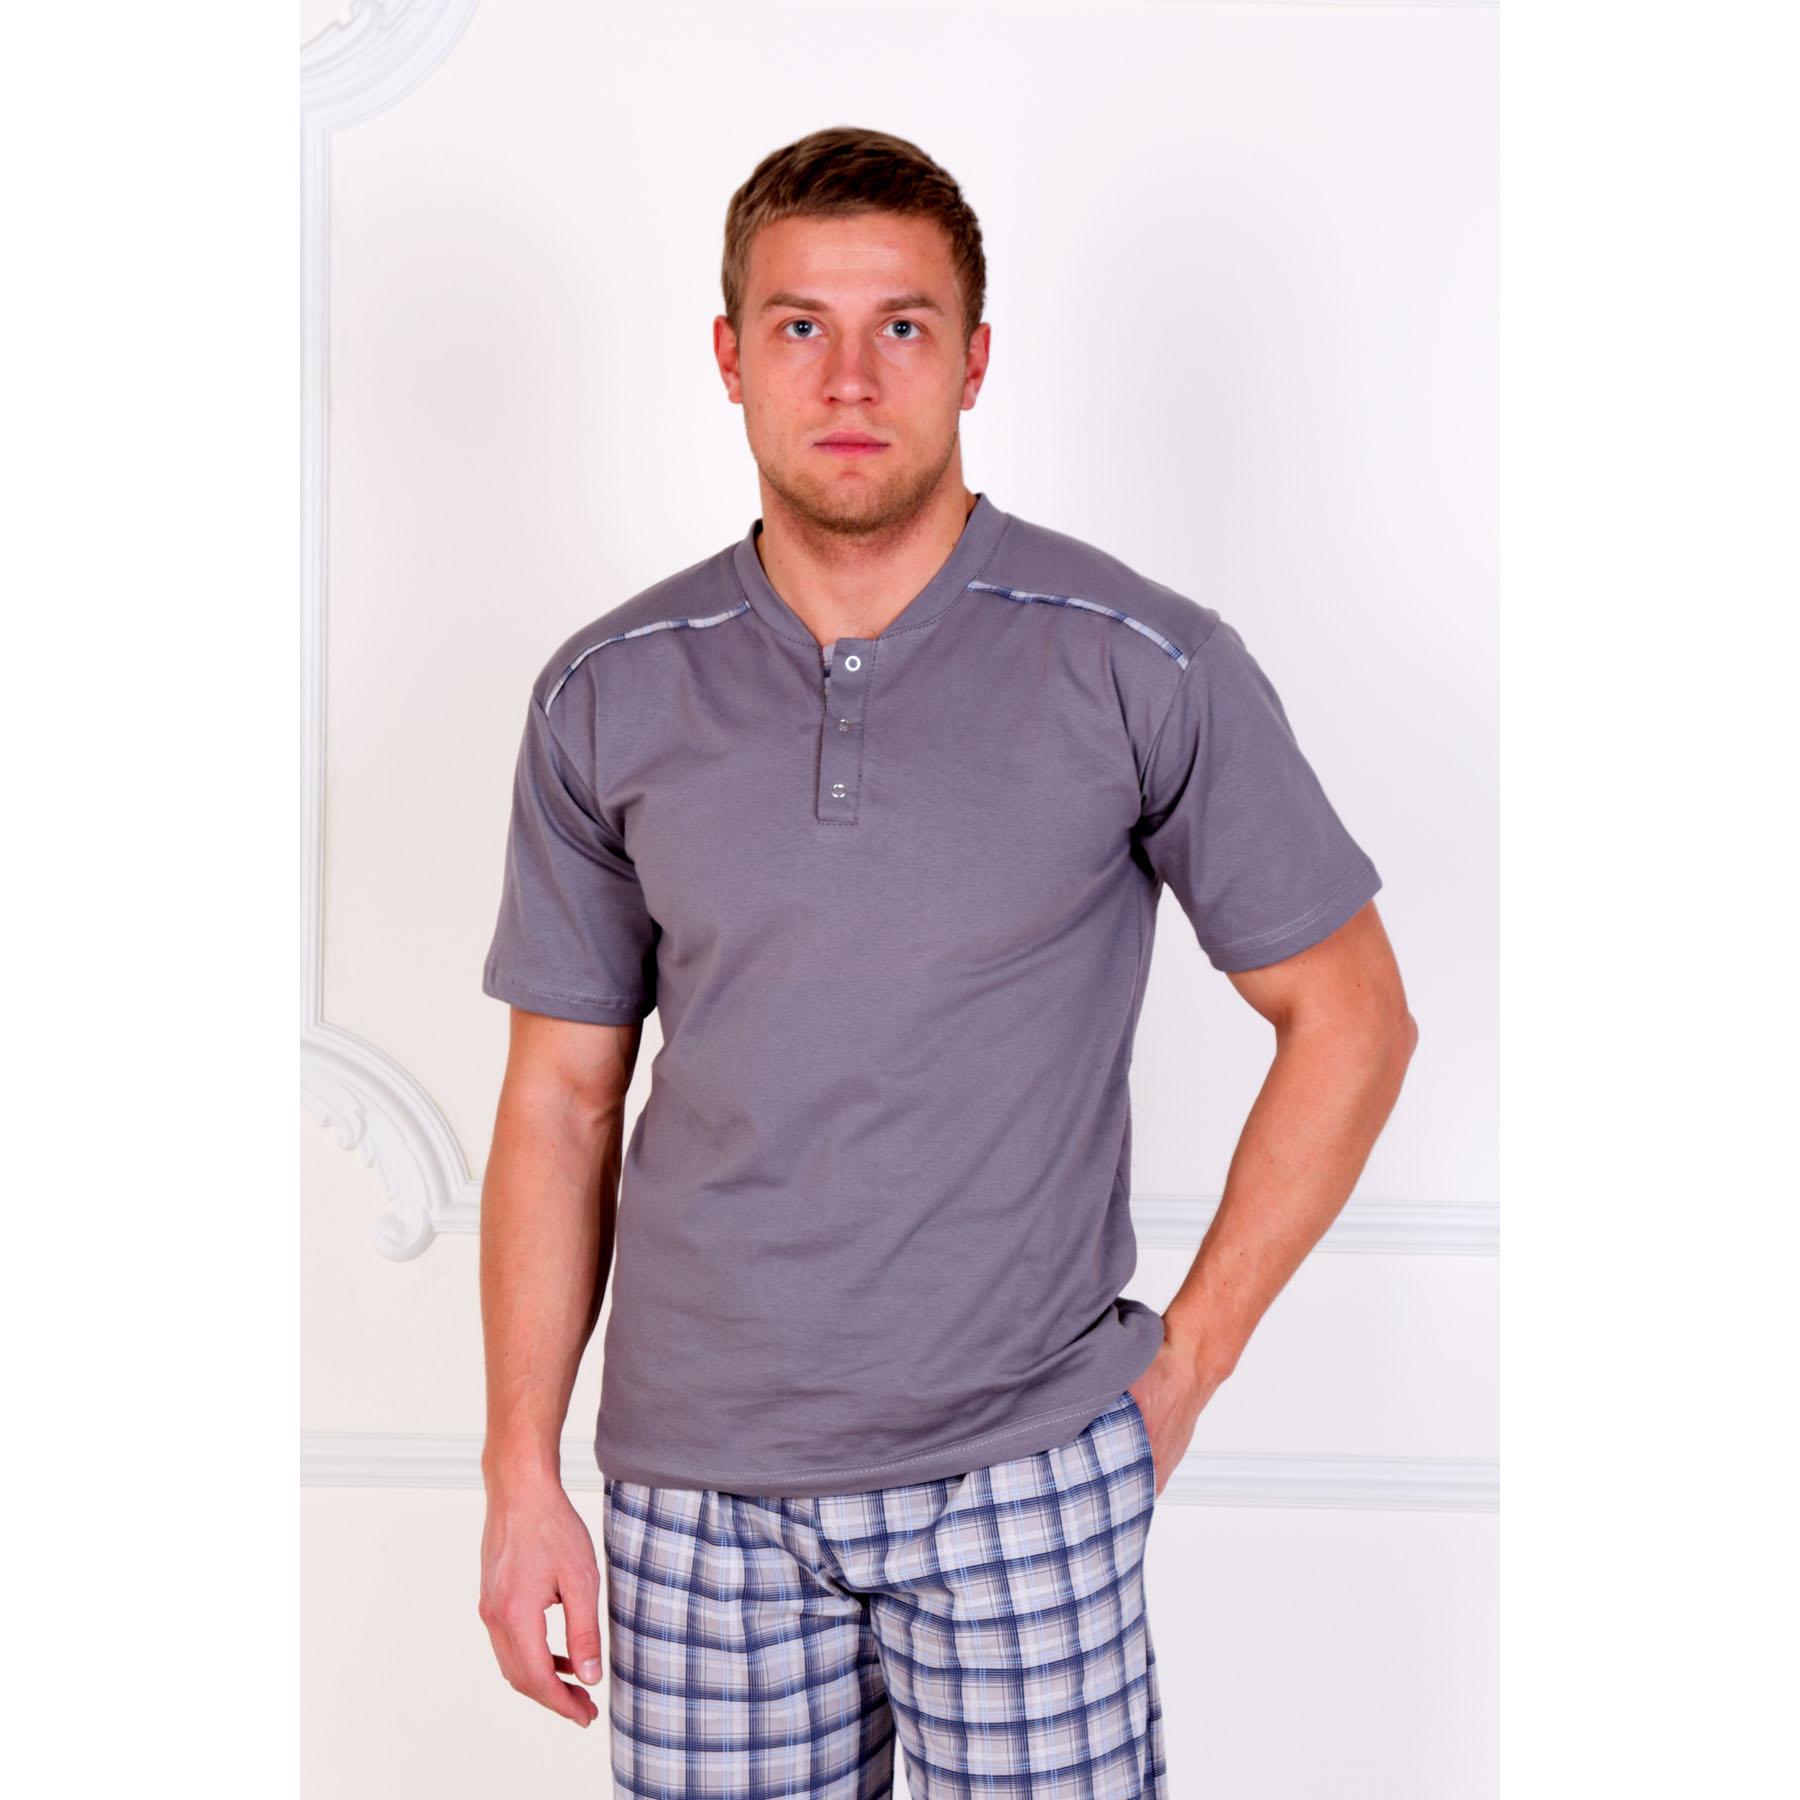 Мужской костюм Клетка Серый, размер 56Костюмы<br>Обхват груди: 112 см <br>Обхват талии: 104 см <br>Обхват бедер: 112 см <br>Рост: 178-186 см<br><br>Тип: Муж. костюм<br>Размер: 56<br>Материал: Кулирка